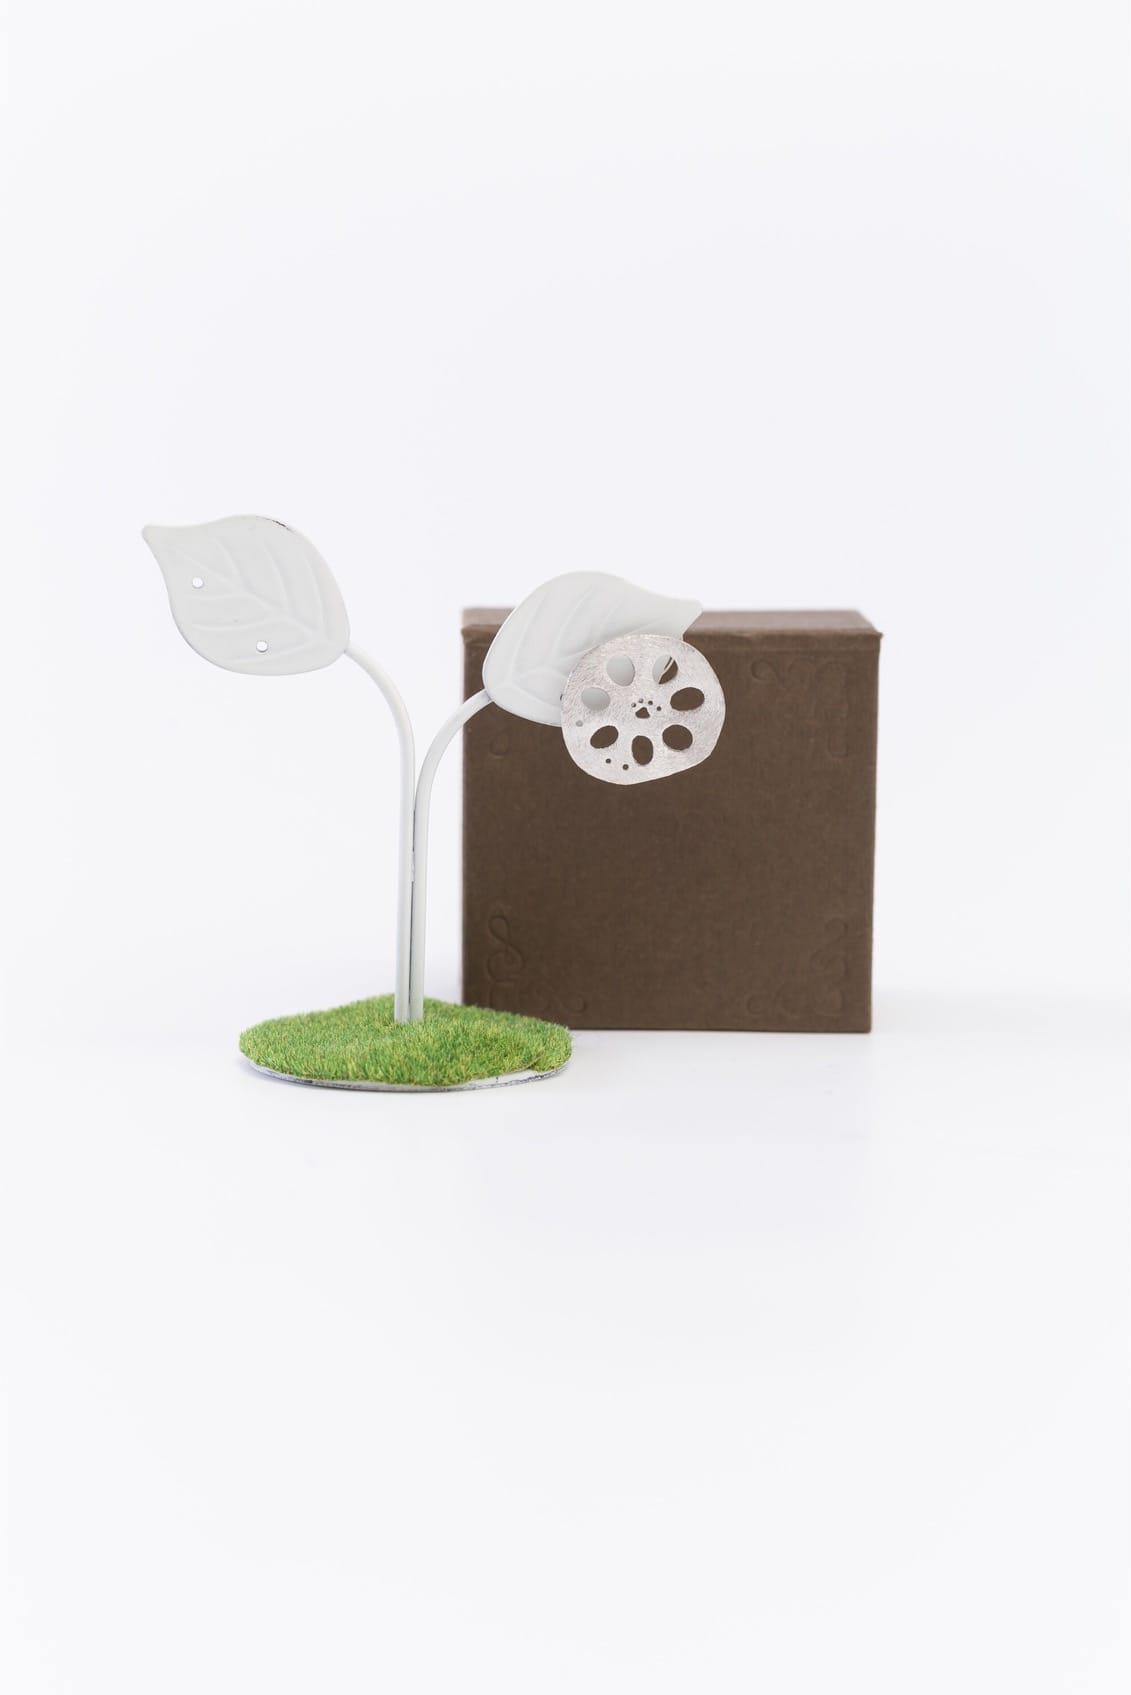 レンコンパッドピンブローチ(銀)箱付きイメージ